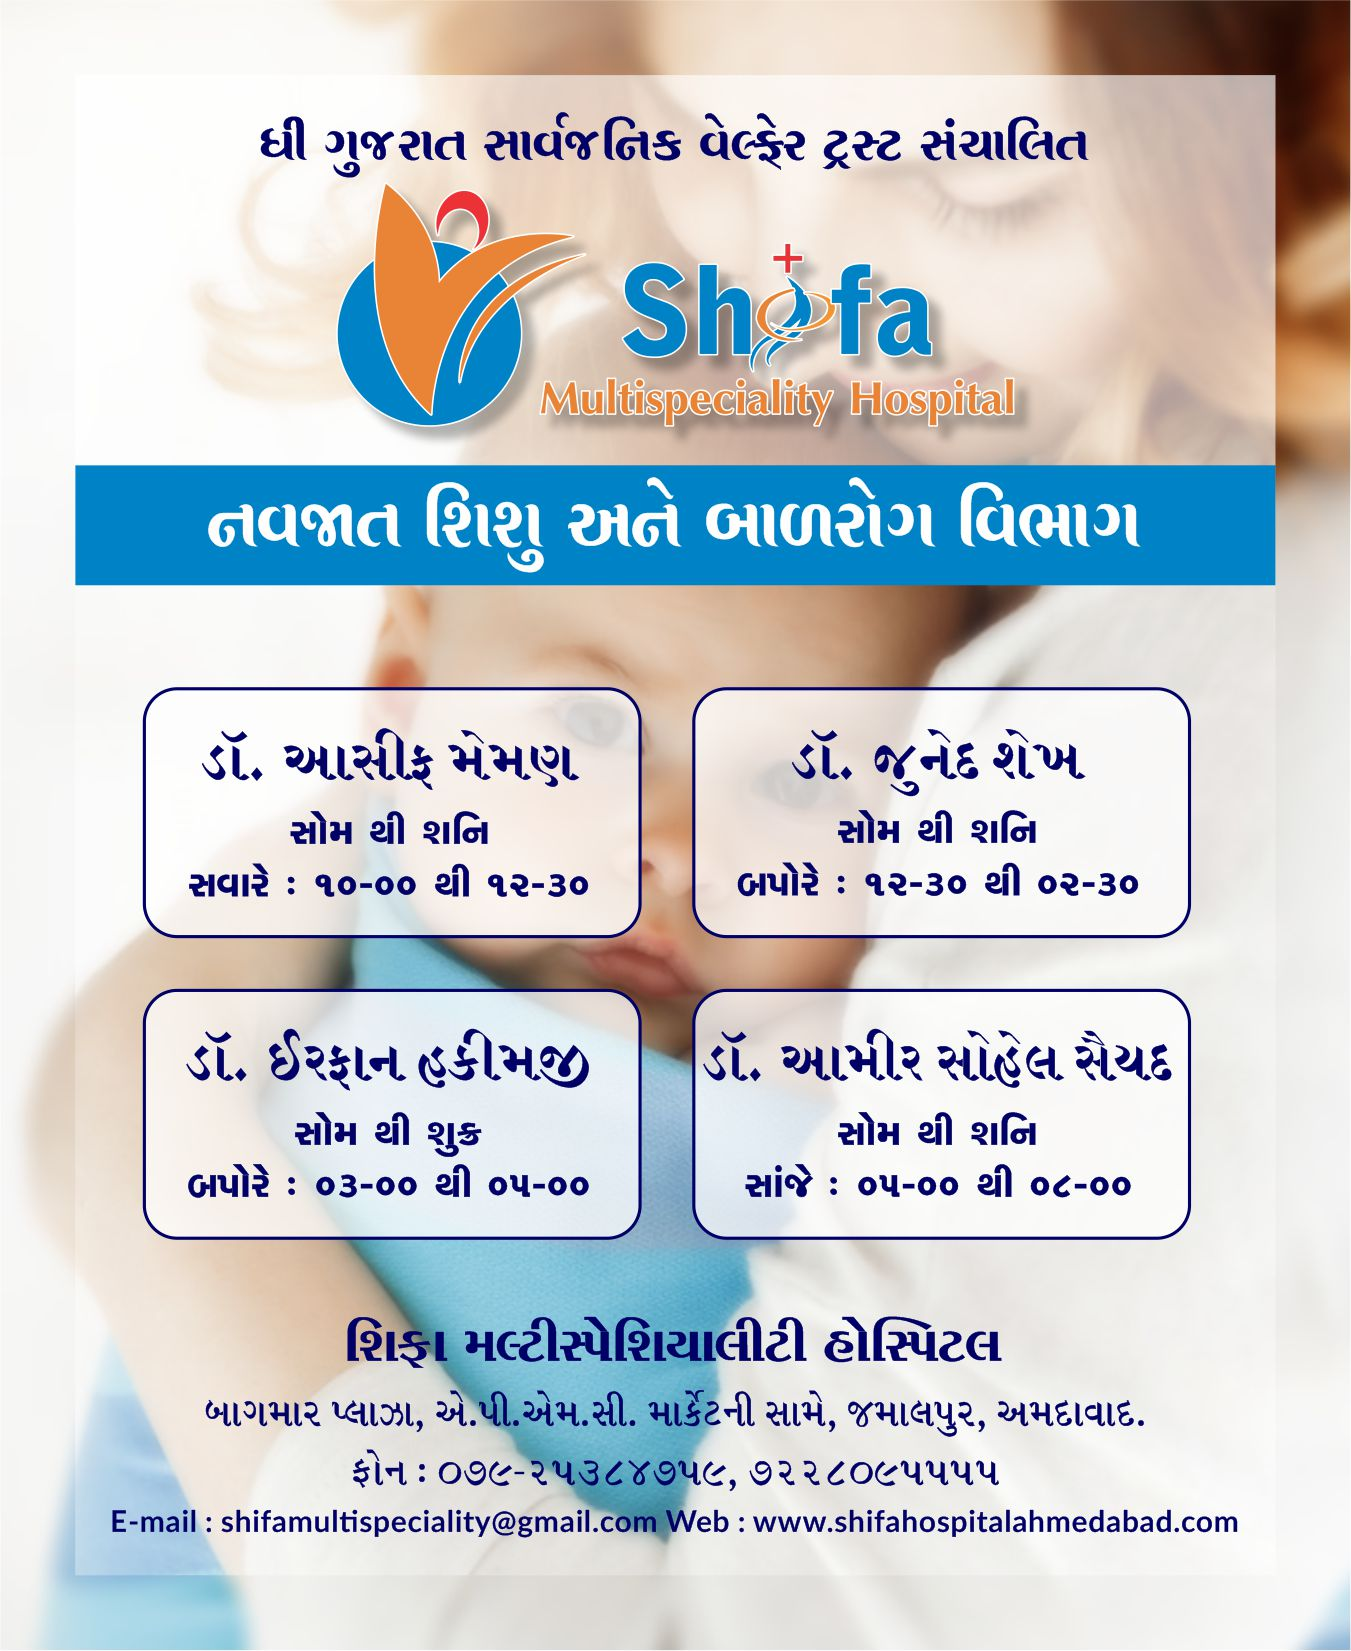 Shifa 005